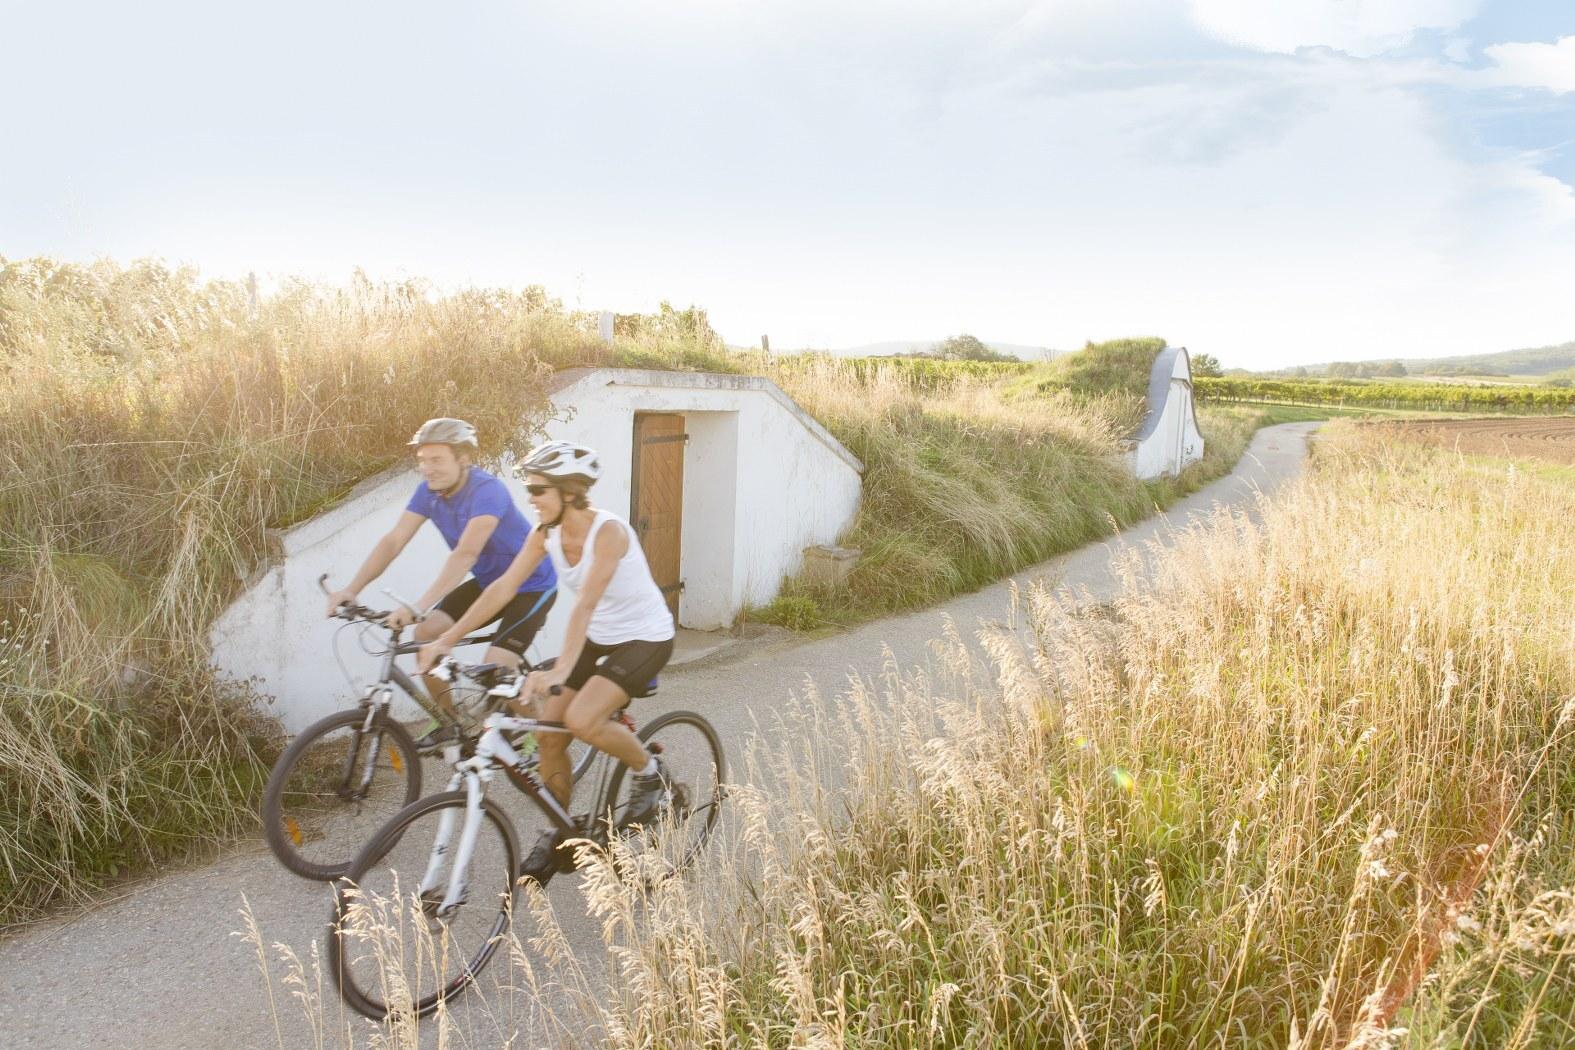 cyklistika v Dolním Rakousku v časti Weinvierte; (c) Niederösterreich Werbung / Astrid Bartl